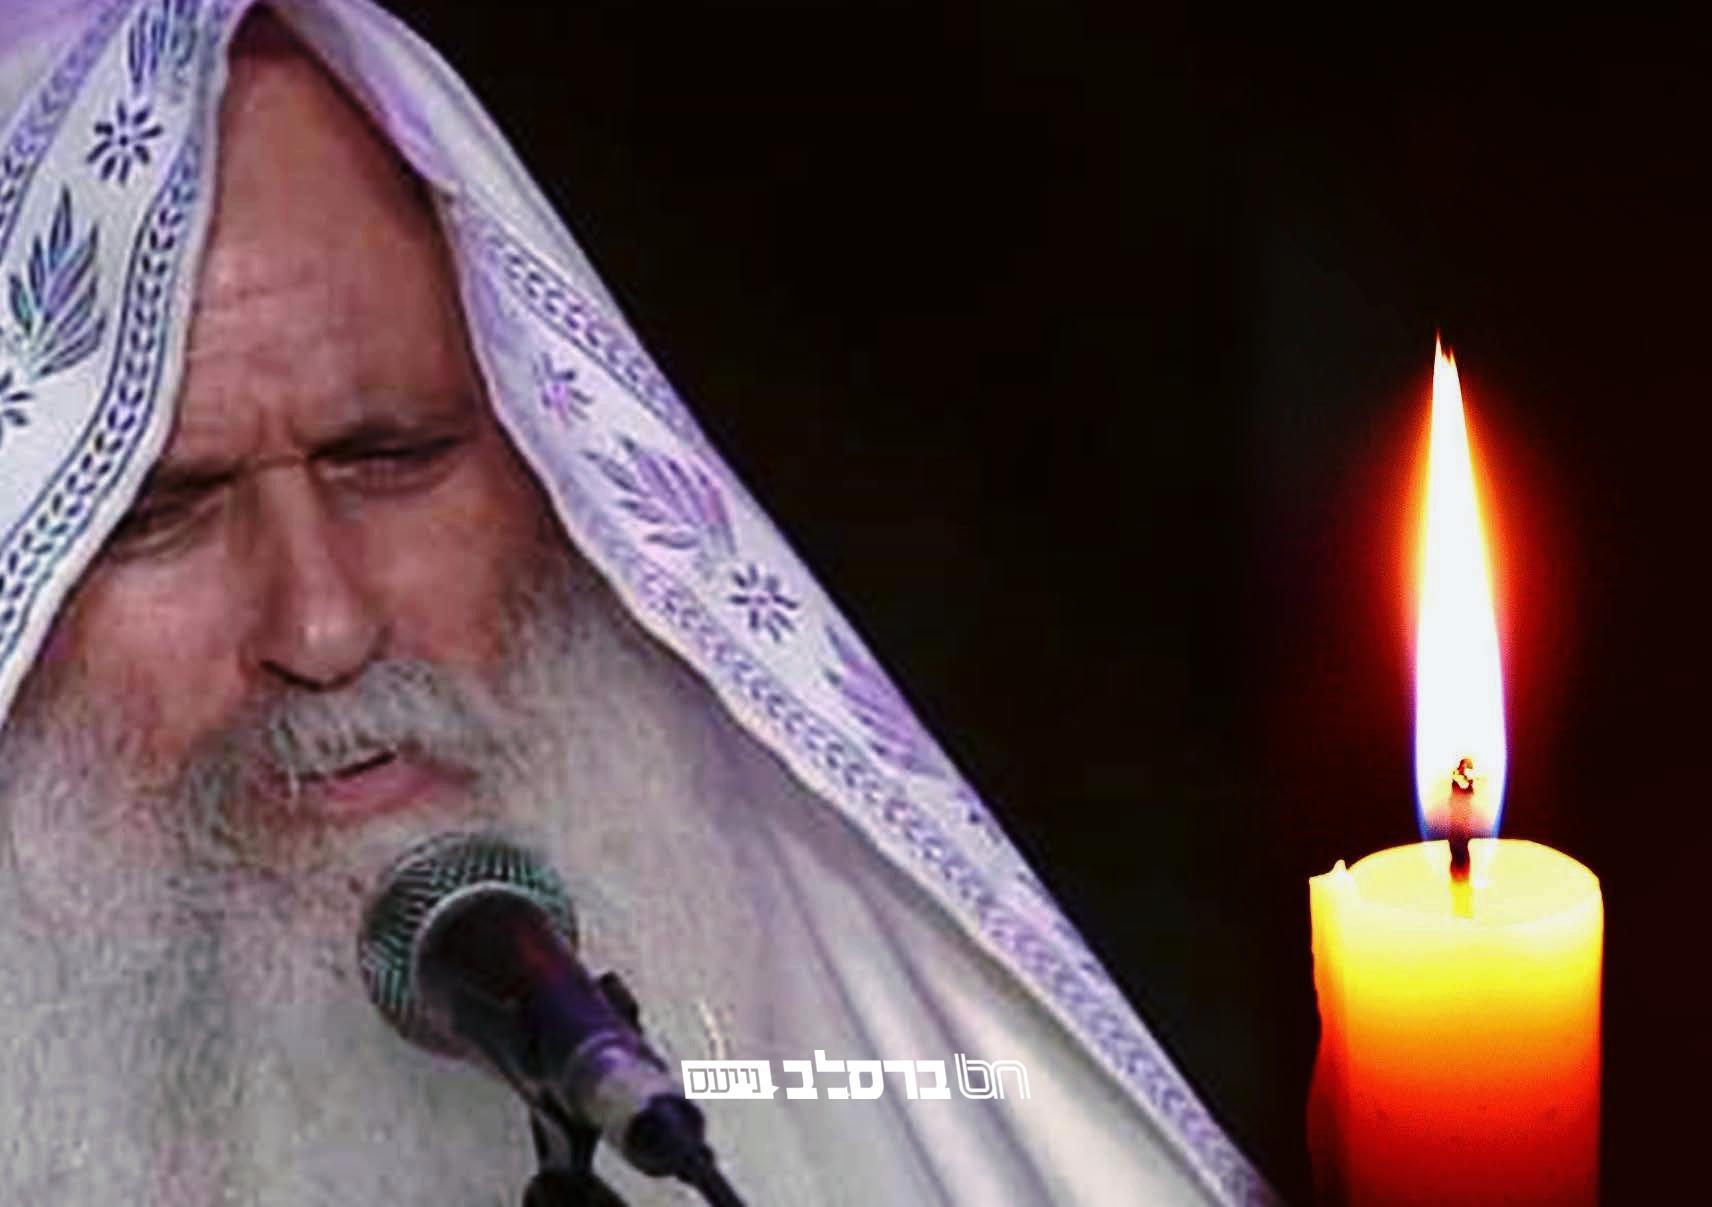 """אָבַד חָסִיד מִן הָאָרֶץ • הרה""""ח ר' דוד רפאל פיינשיל (בן עמי) זצ""""ל מאנ""""ש חסידי ברסלב בירושלים"""